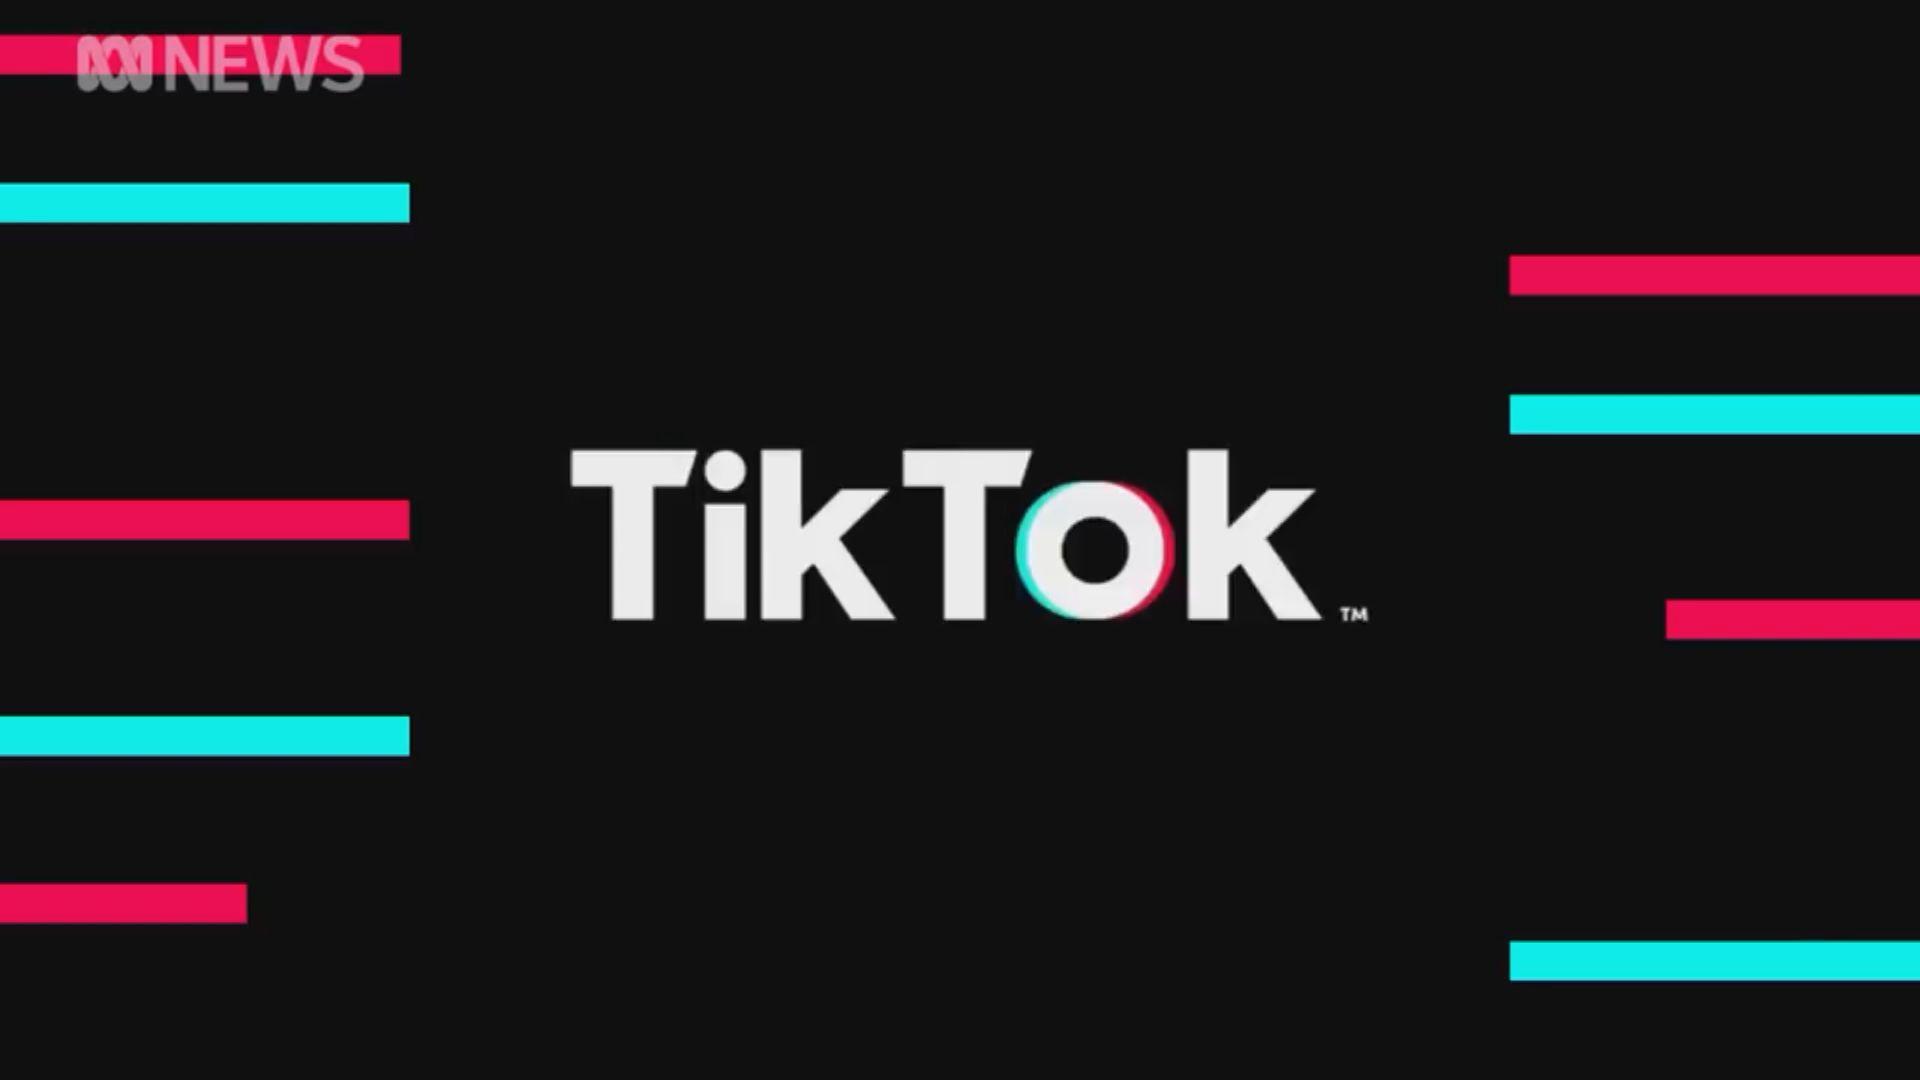 路透社:白宮或禁TikTok在美國應用程式商店上架